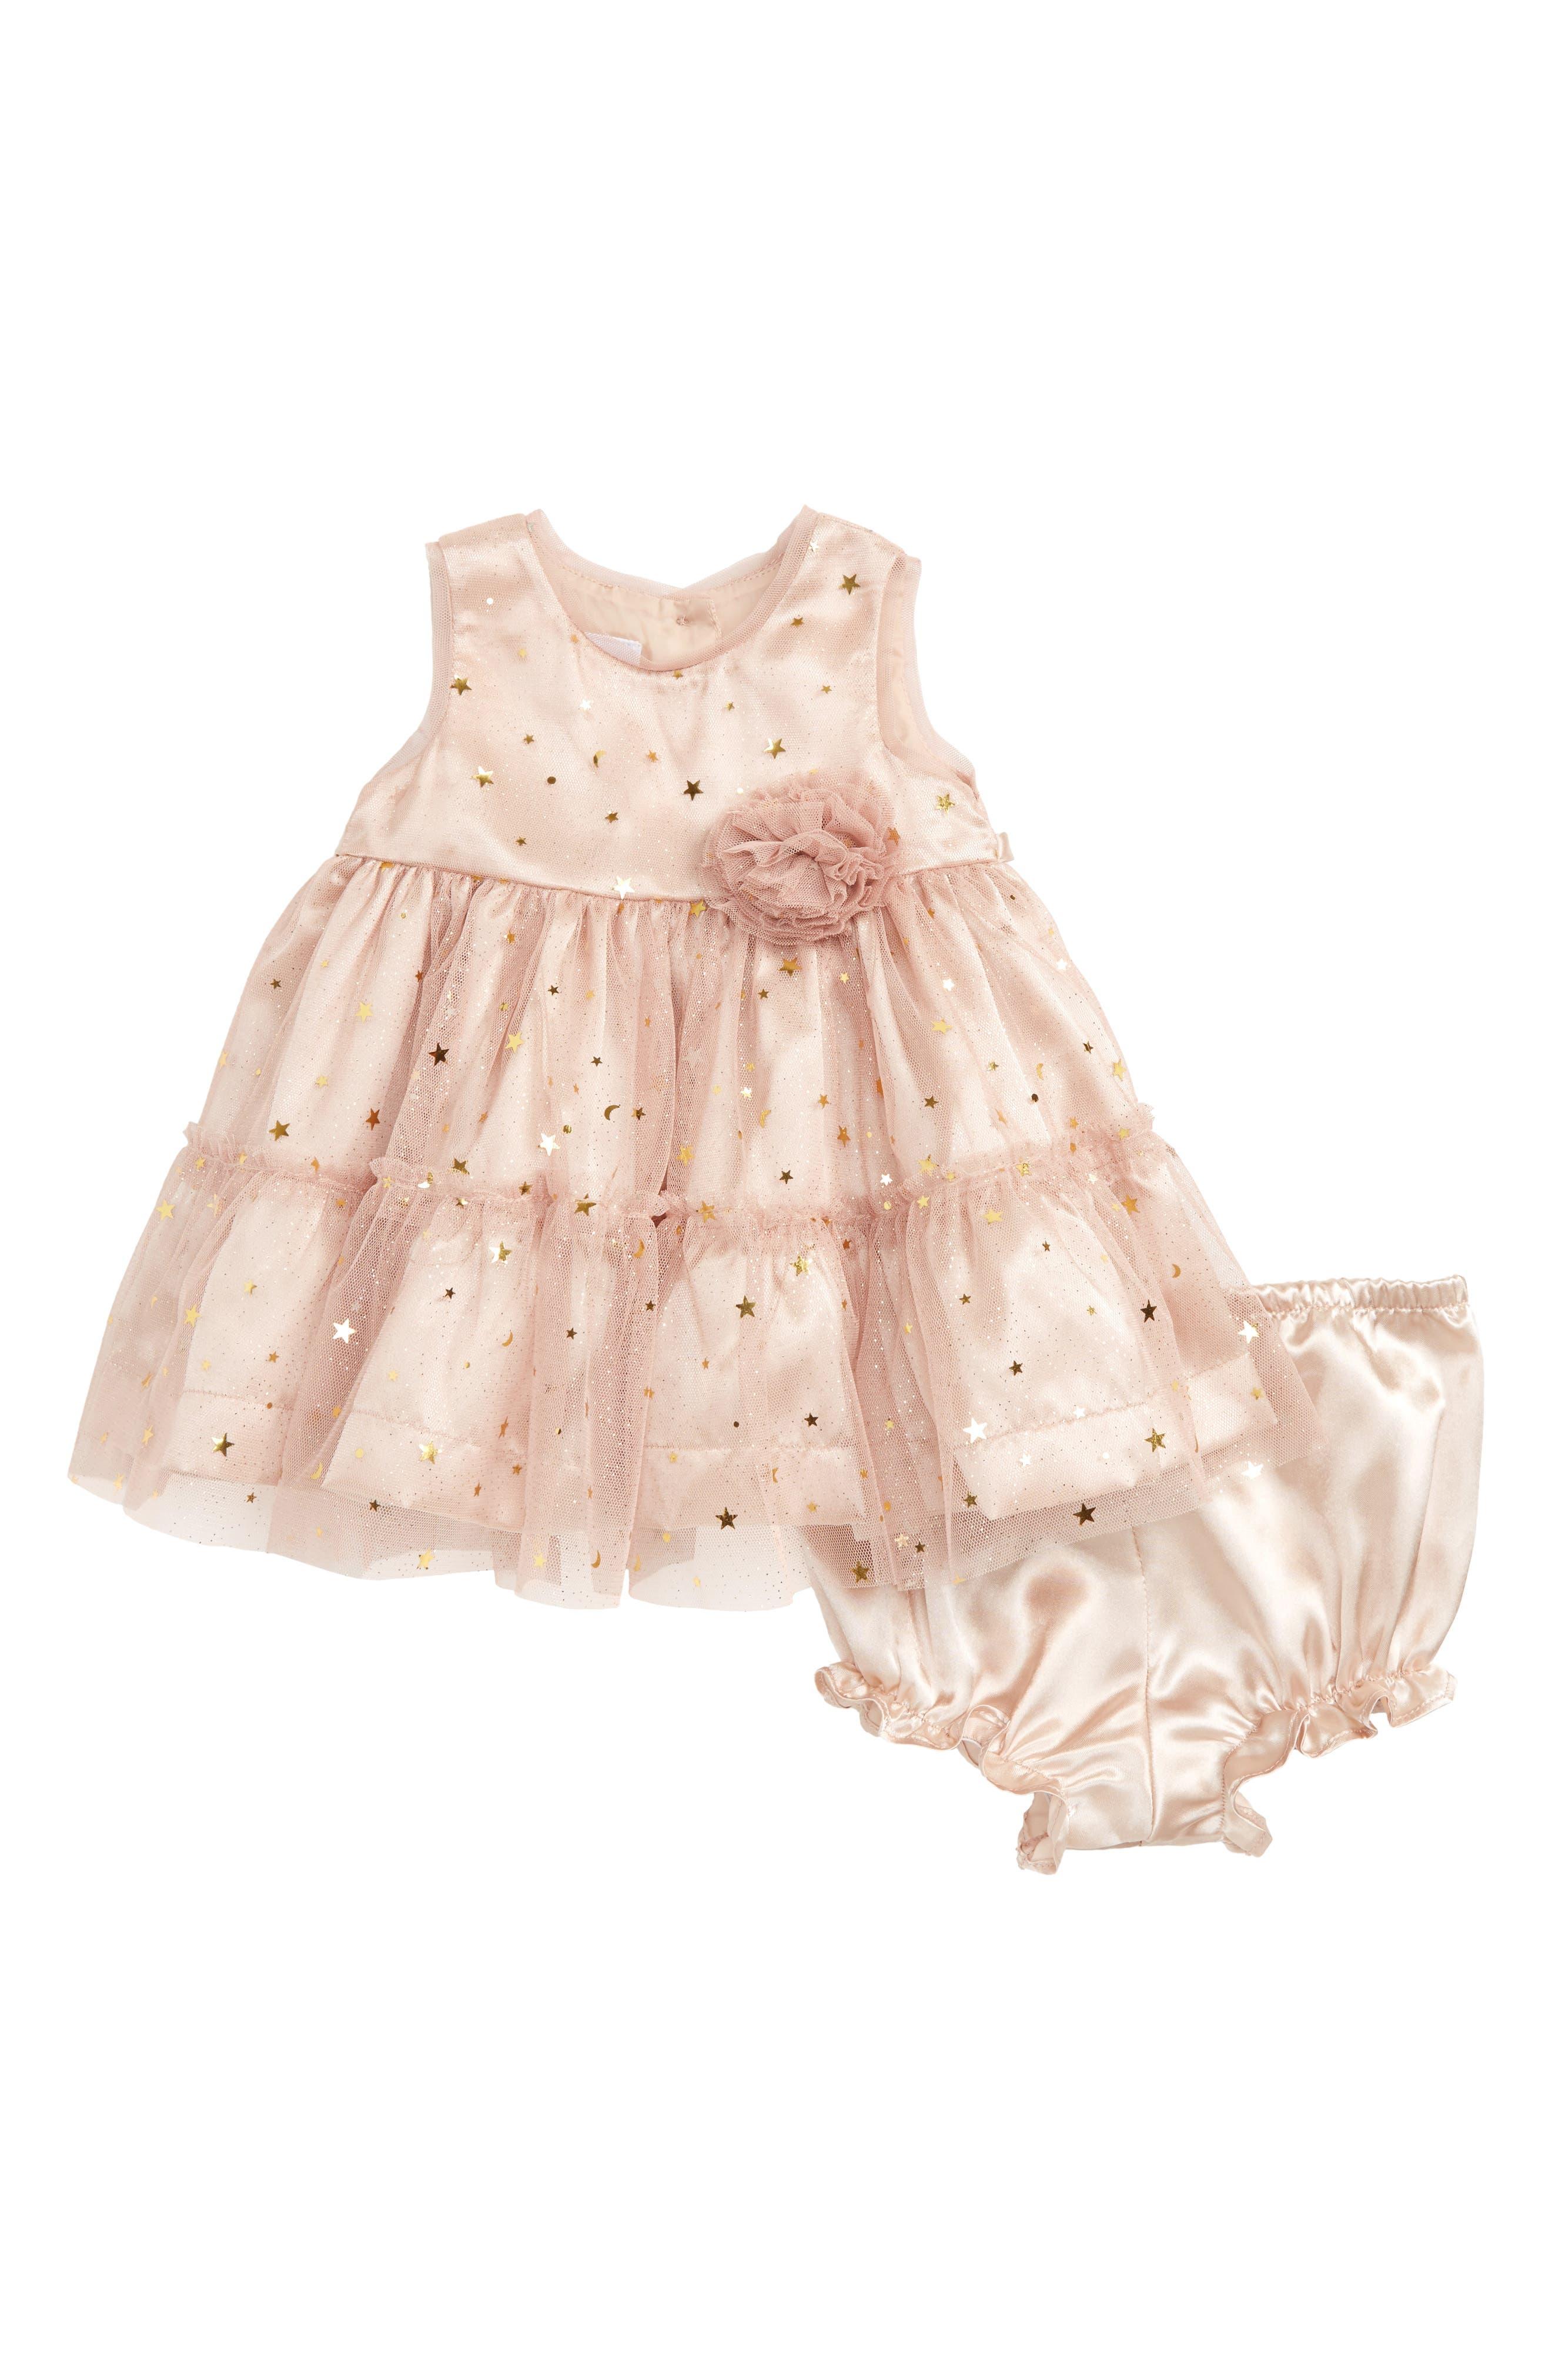 Alternate Image 1 Selected - Frais Gold Star Dress (Baby Girls)